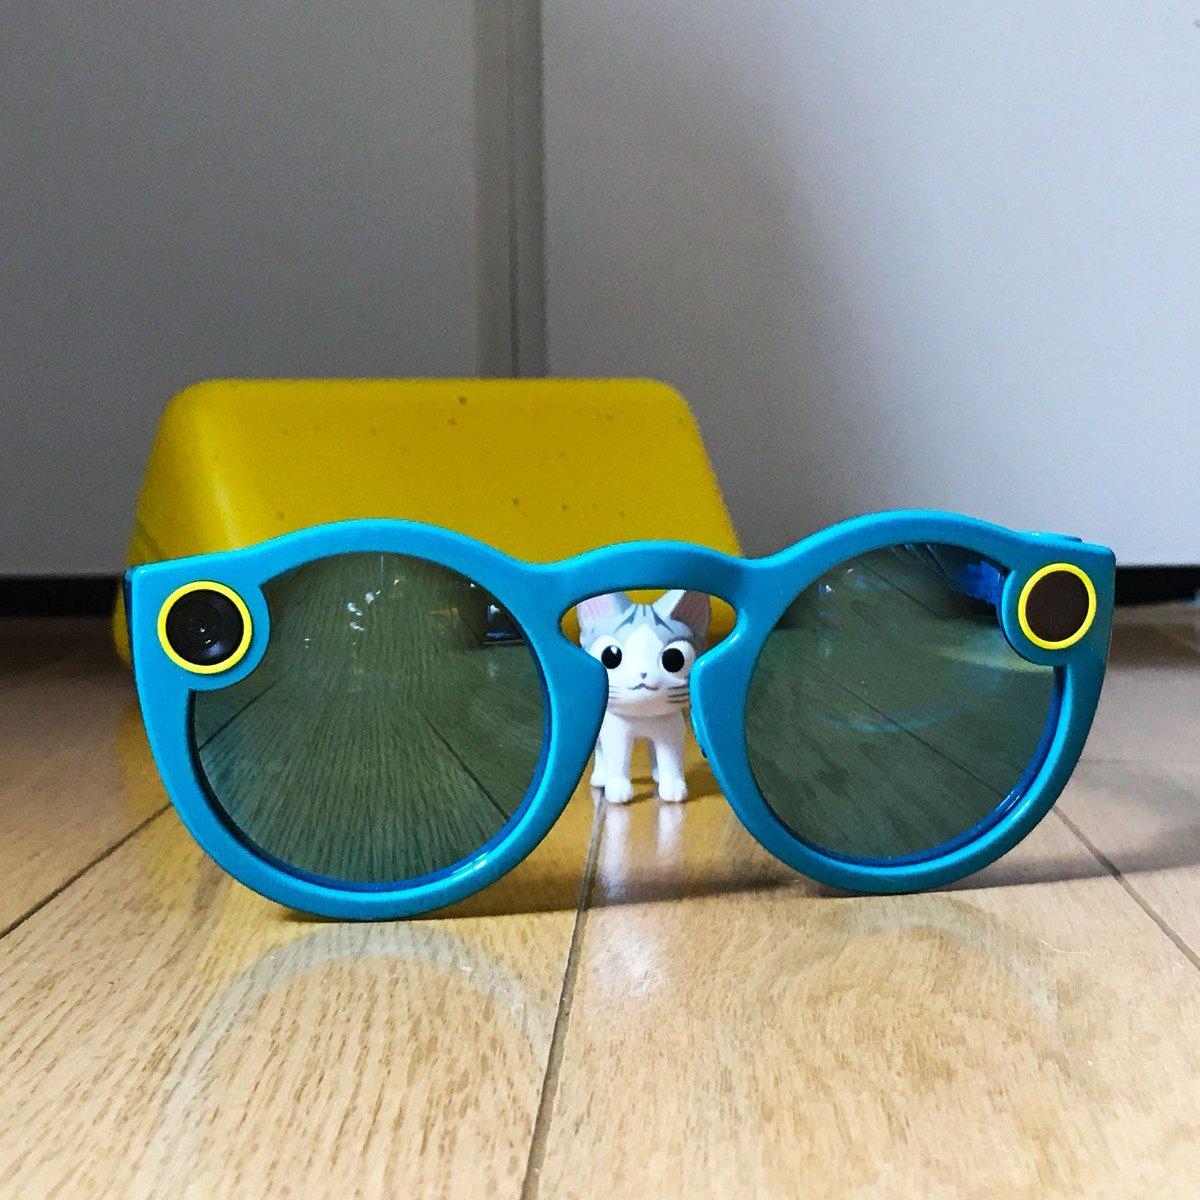 ちーかっこいいれすか?この #Spectacles かけうとパシパシどーがが さつえいできちゃうんらよ クロいの のヒミ